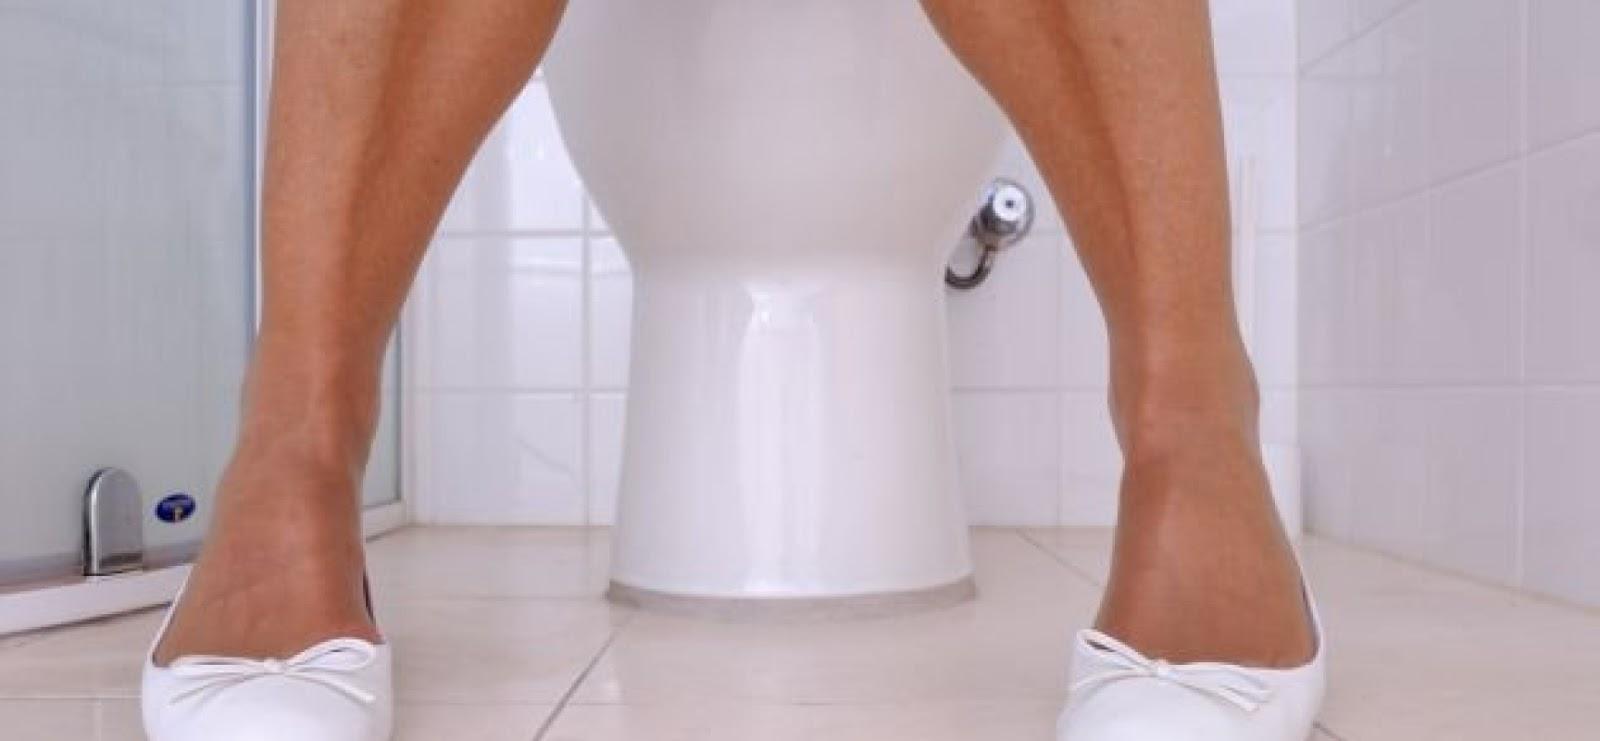 Stitichezza come riuscire ad andare in bagno - Come spiare in bagno ...